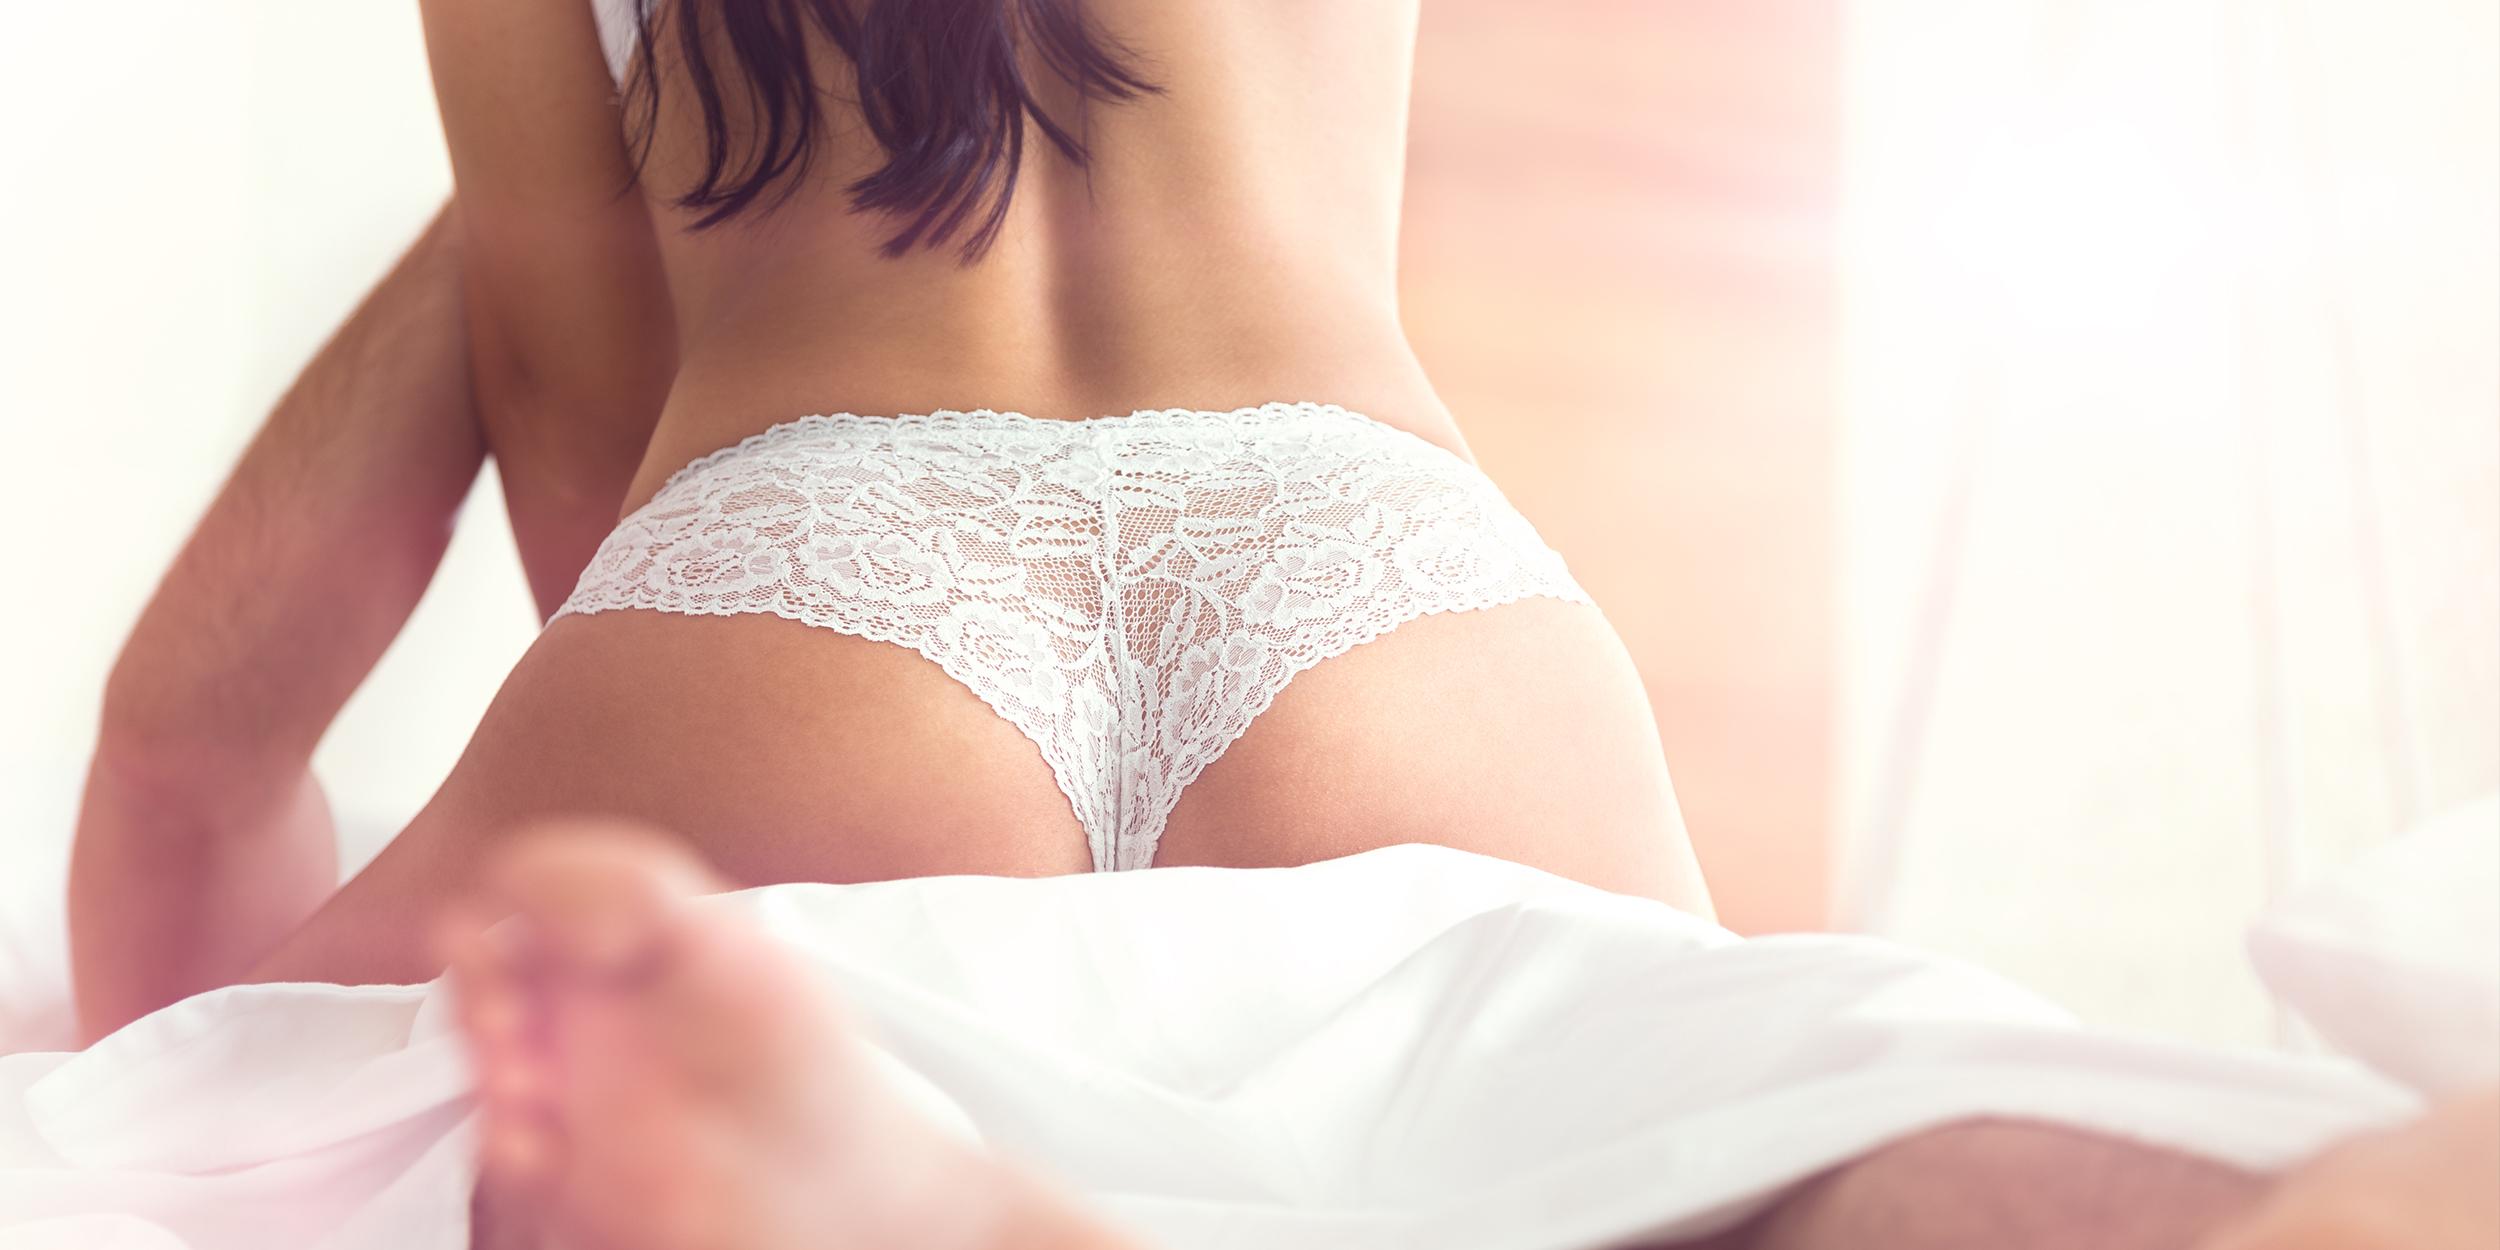 Сексуальные позы в которых лучше достичь ргазма женщине